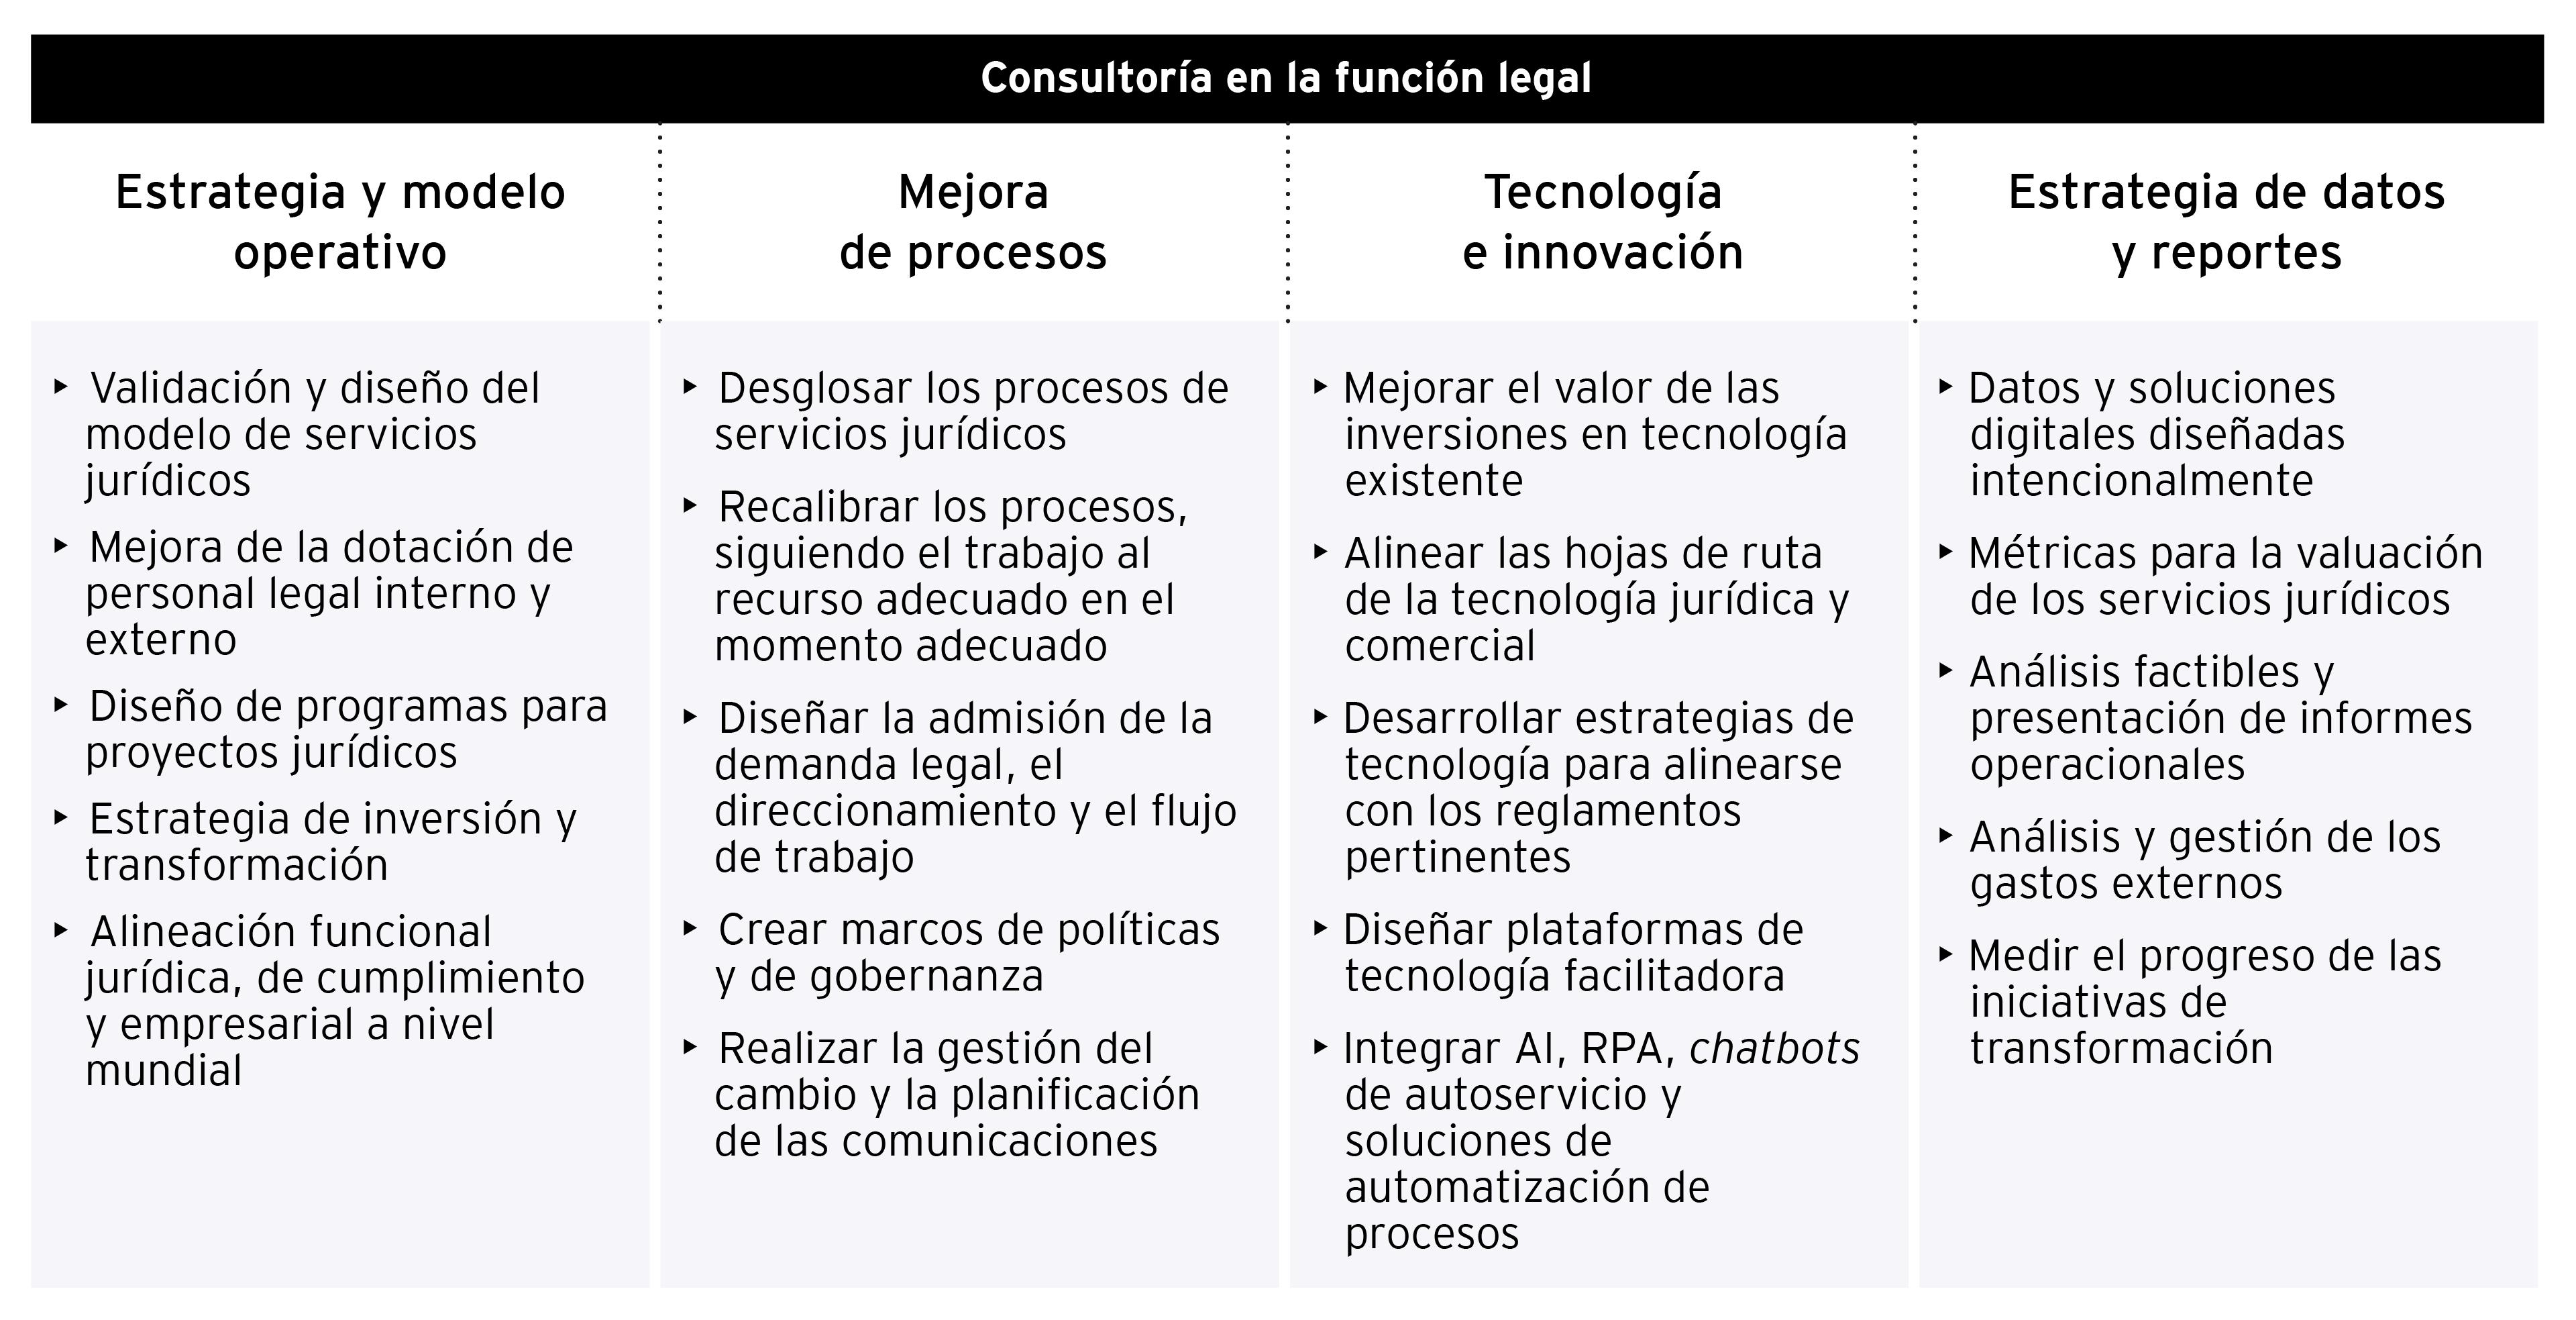 Servicios de consultoría de la función legal de EY